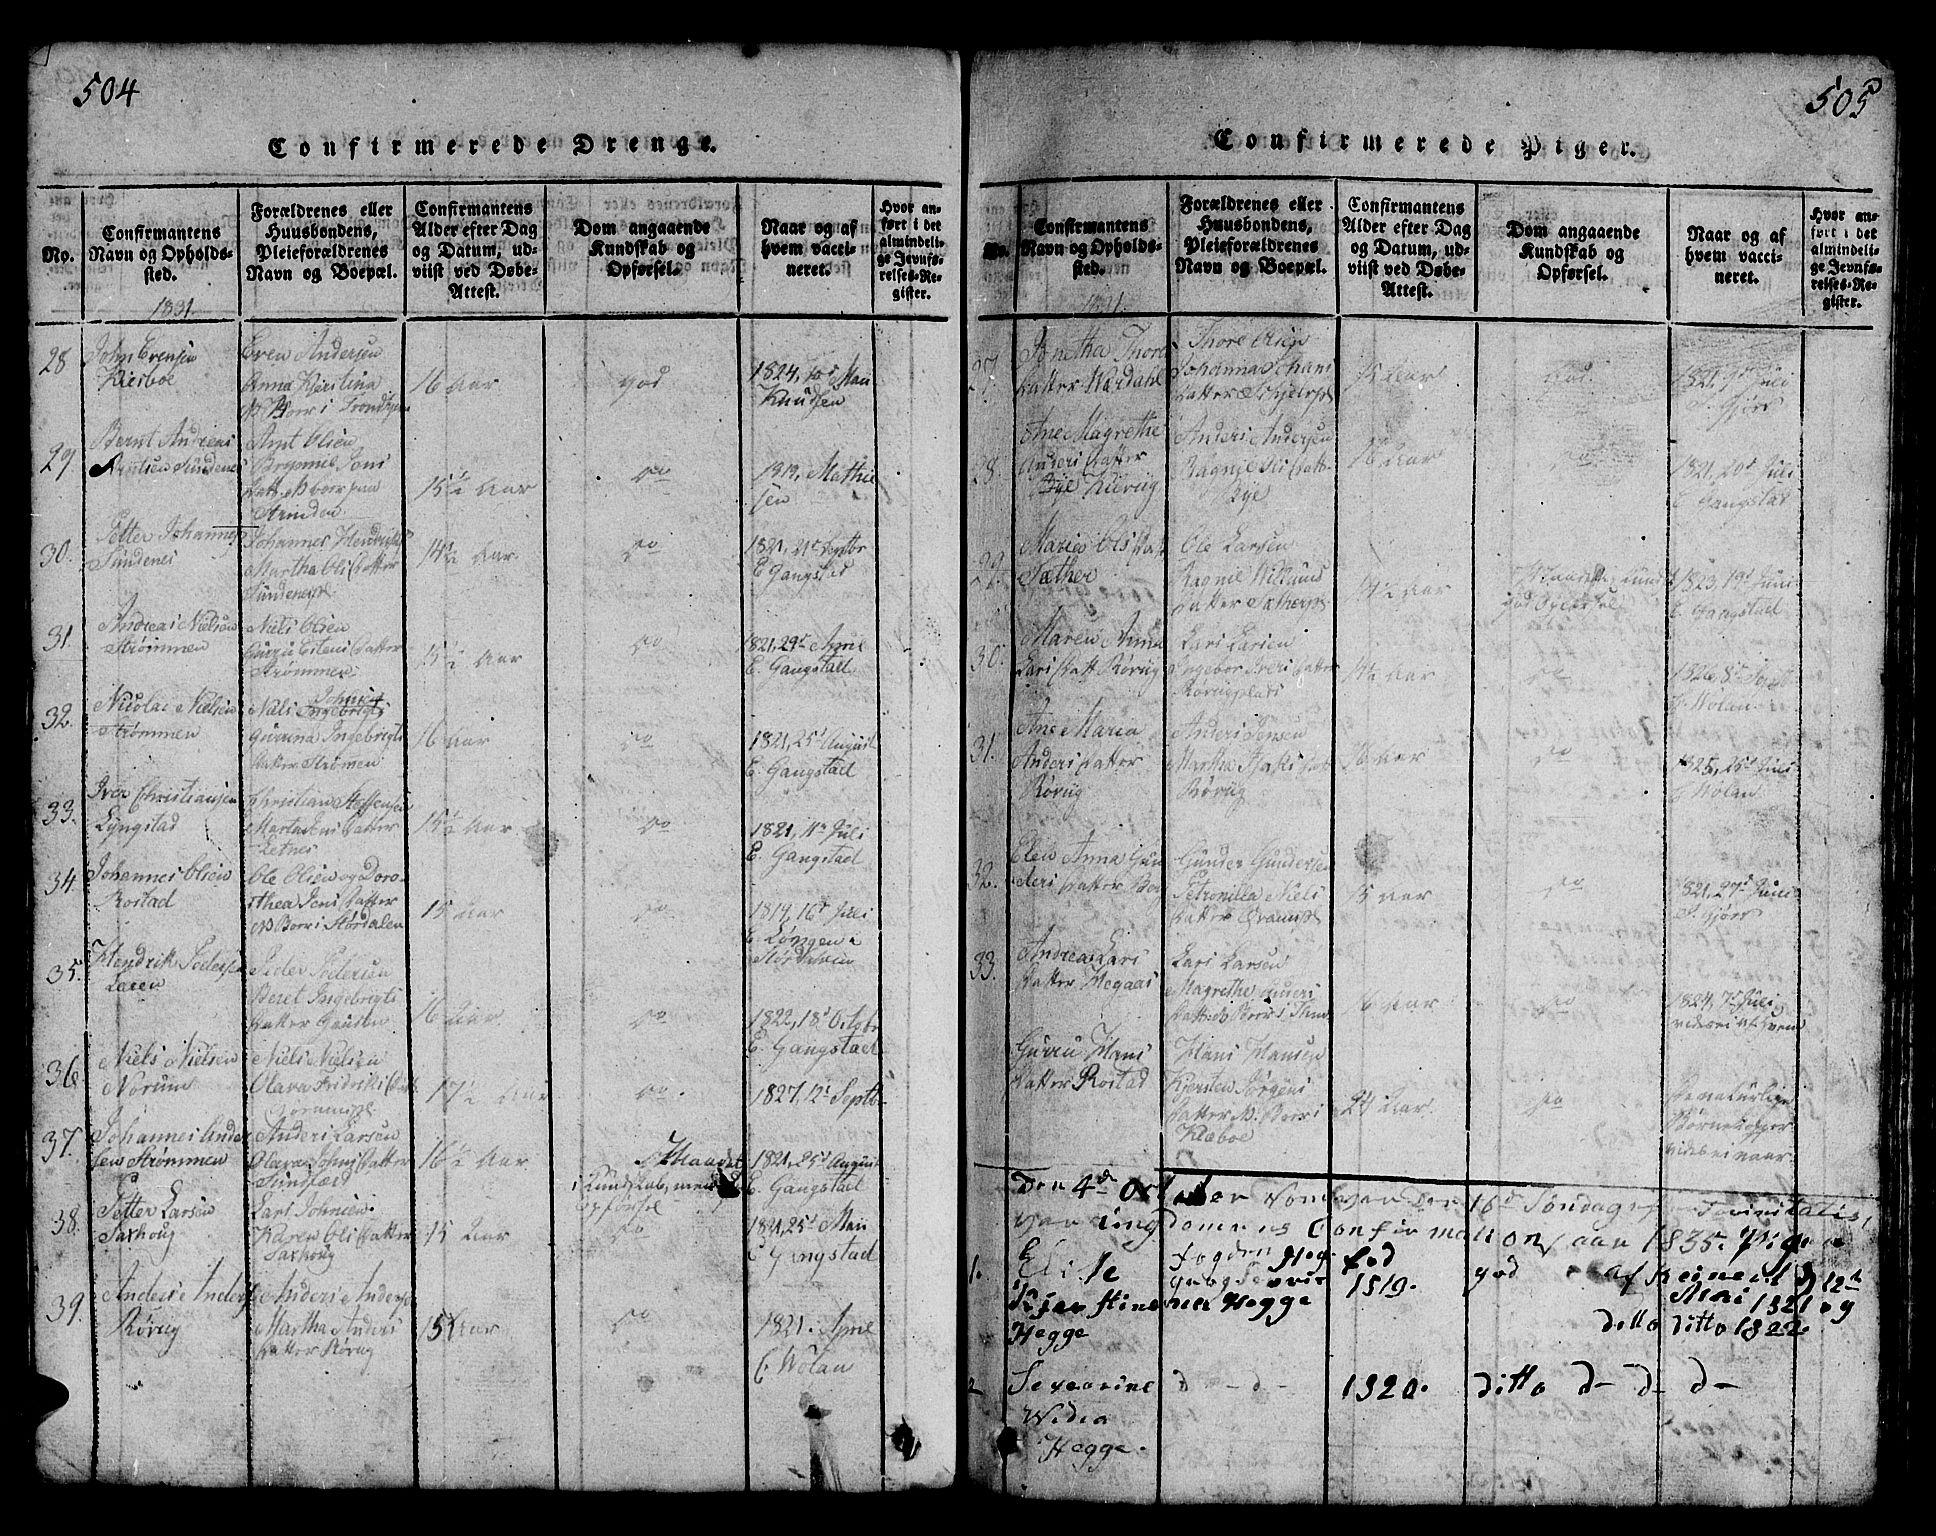 SAT, Ministerialprotokoller, klokkerbøker og fødselsregistre - Nord-Trøndelag, 730/L0298: Klokkerbok nr. 730C01, 1816-1849, s. 504-505